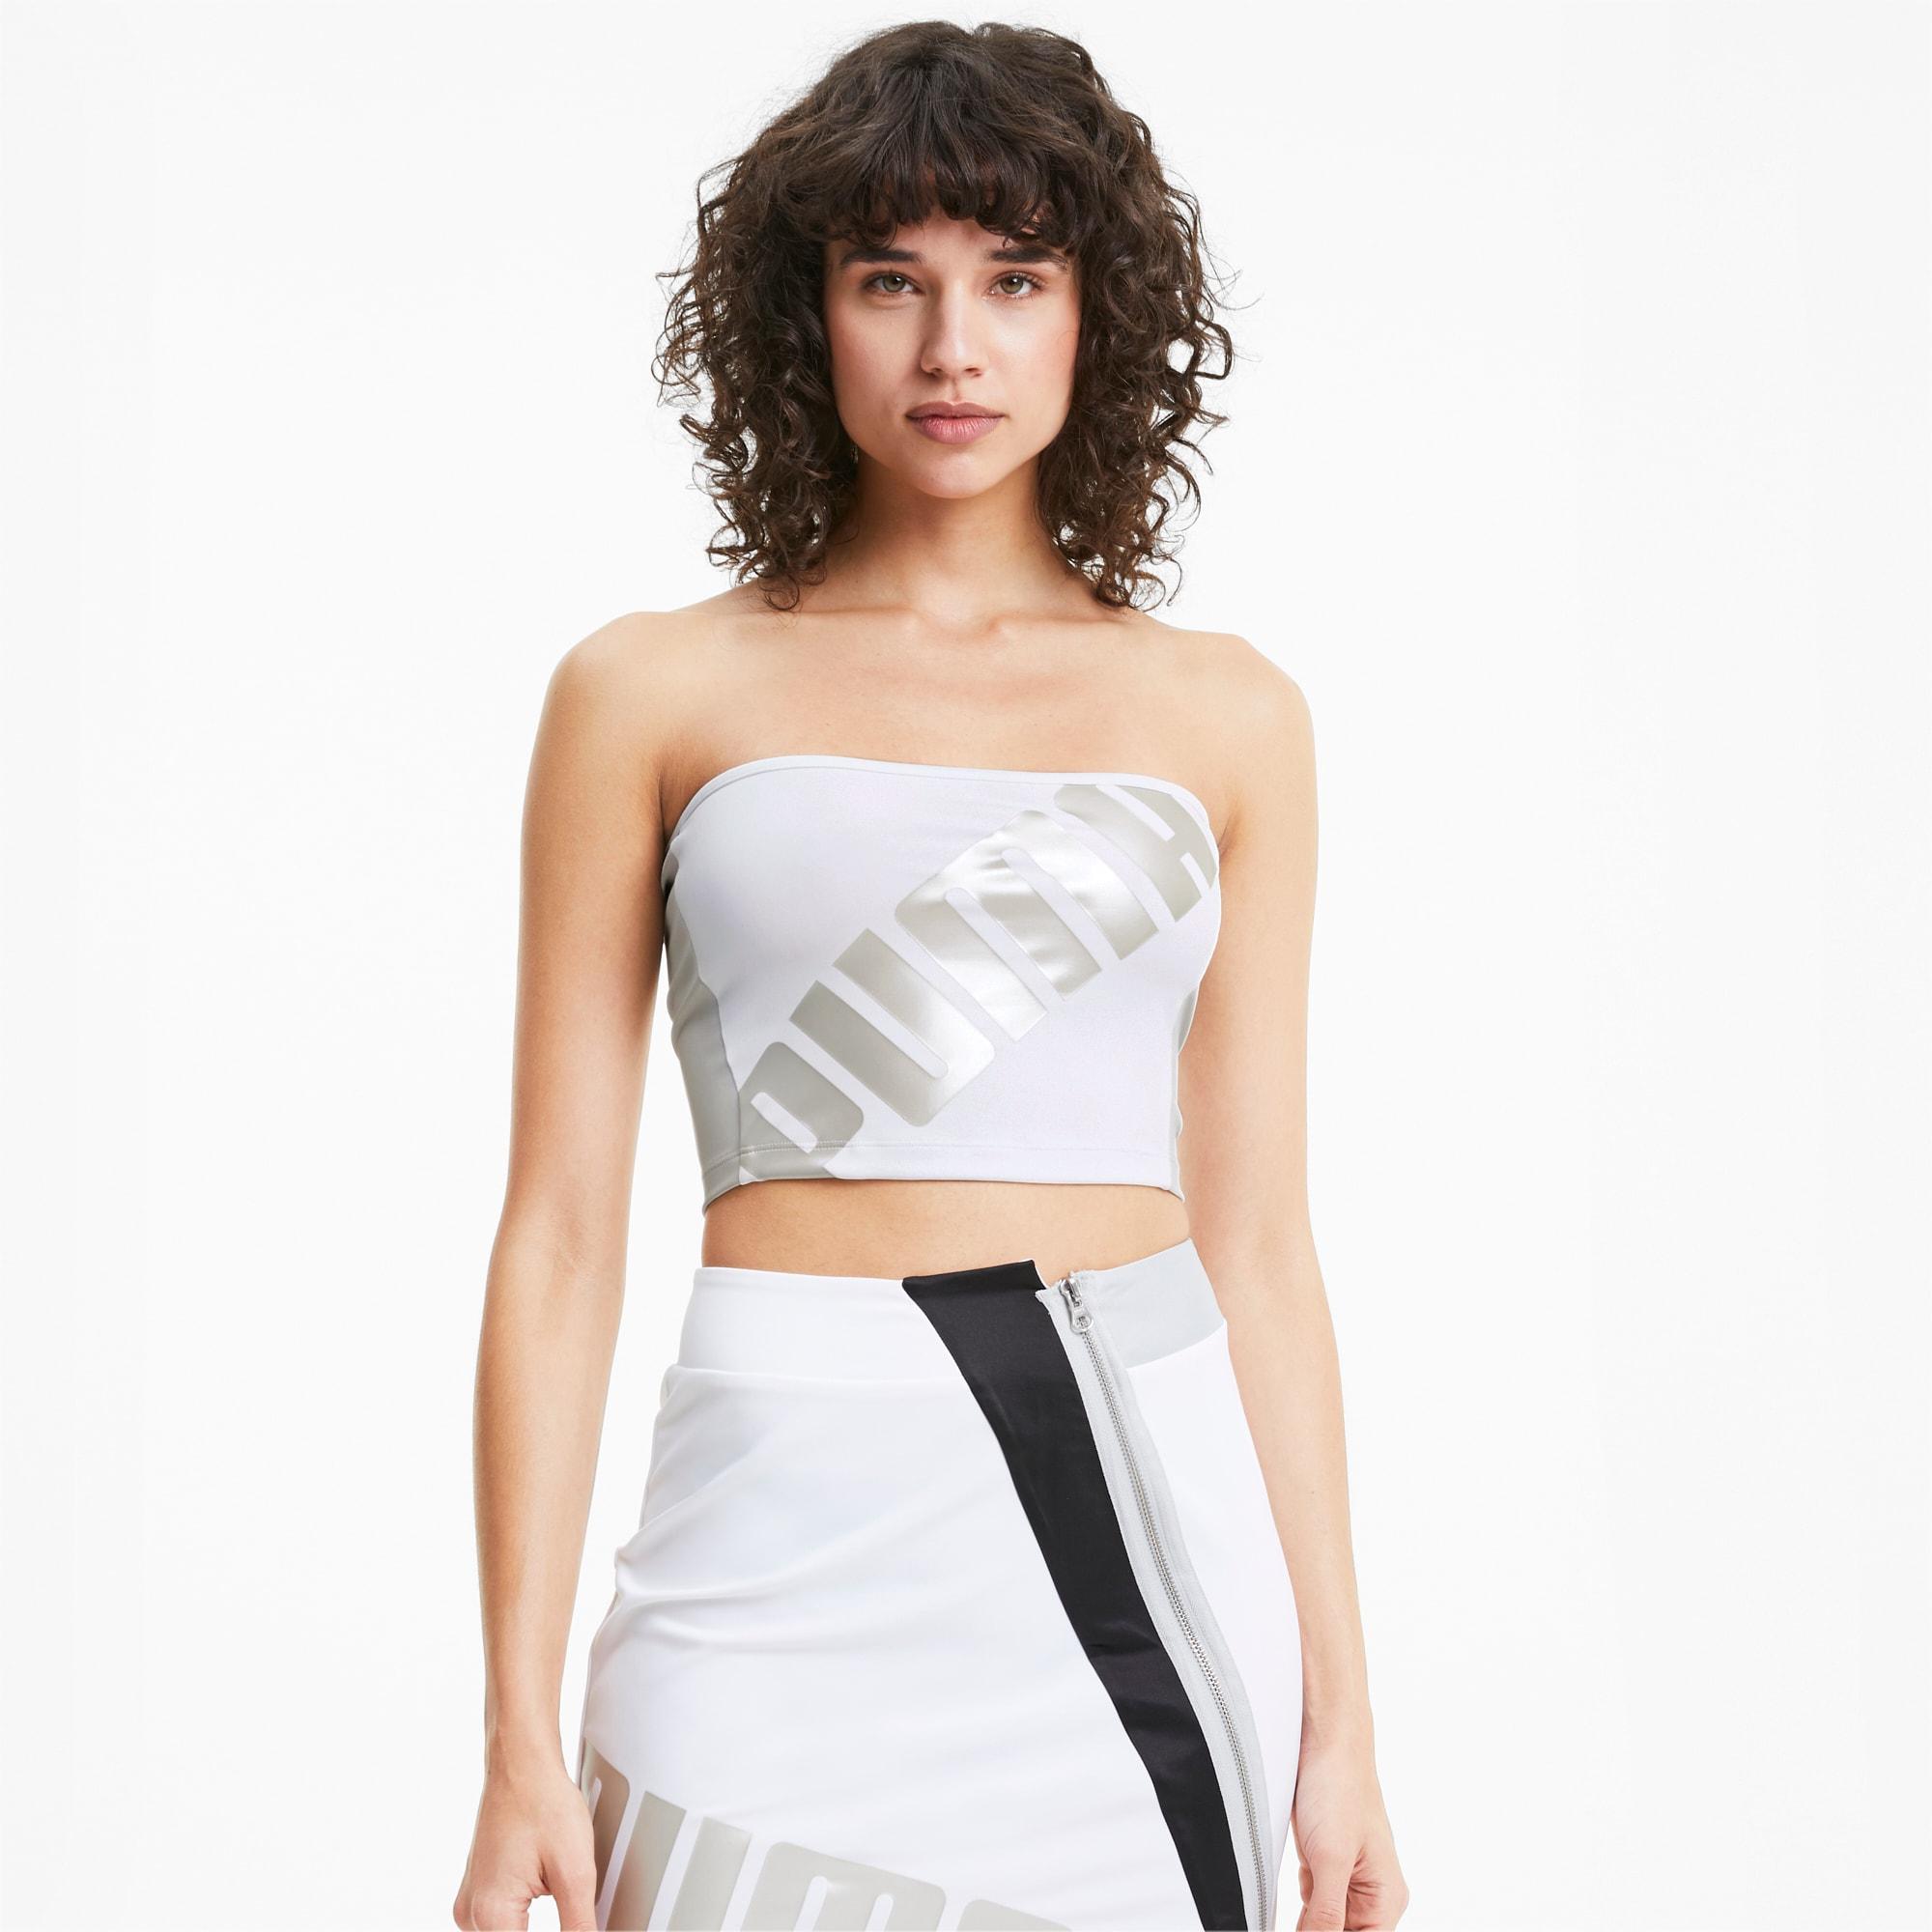 puma -  T7 2020 Fashion Damen Bandeau-Top | Mit Aucun | Weiß | Größe: L